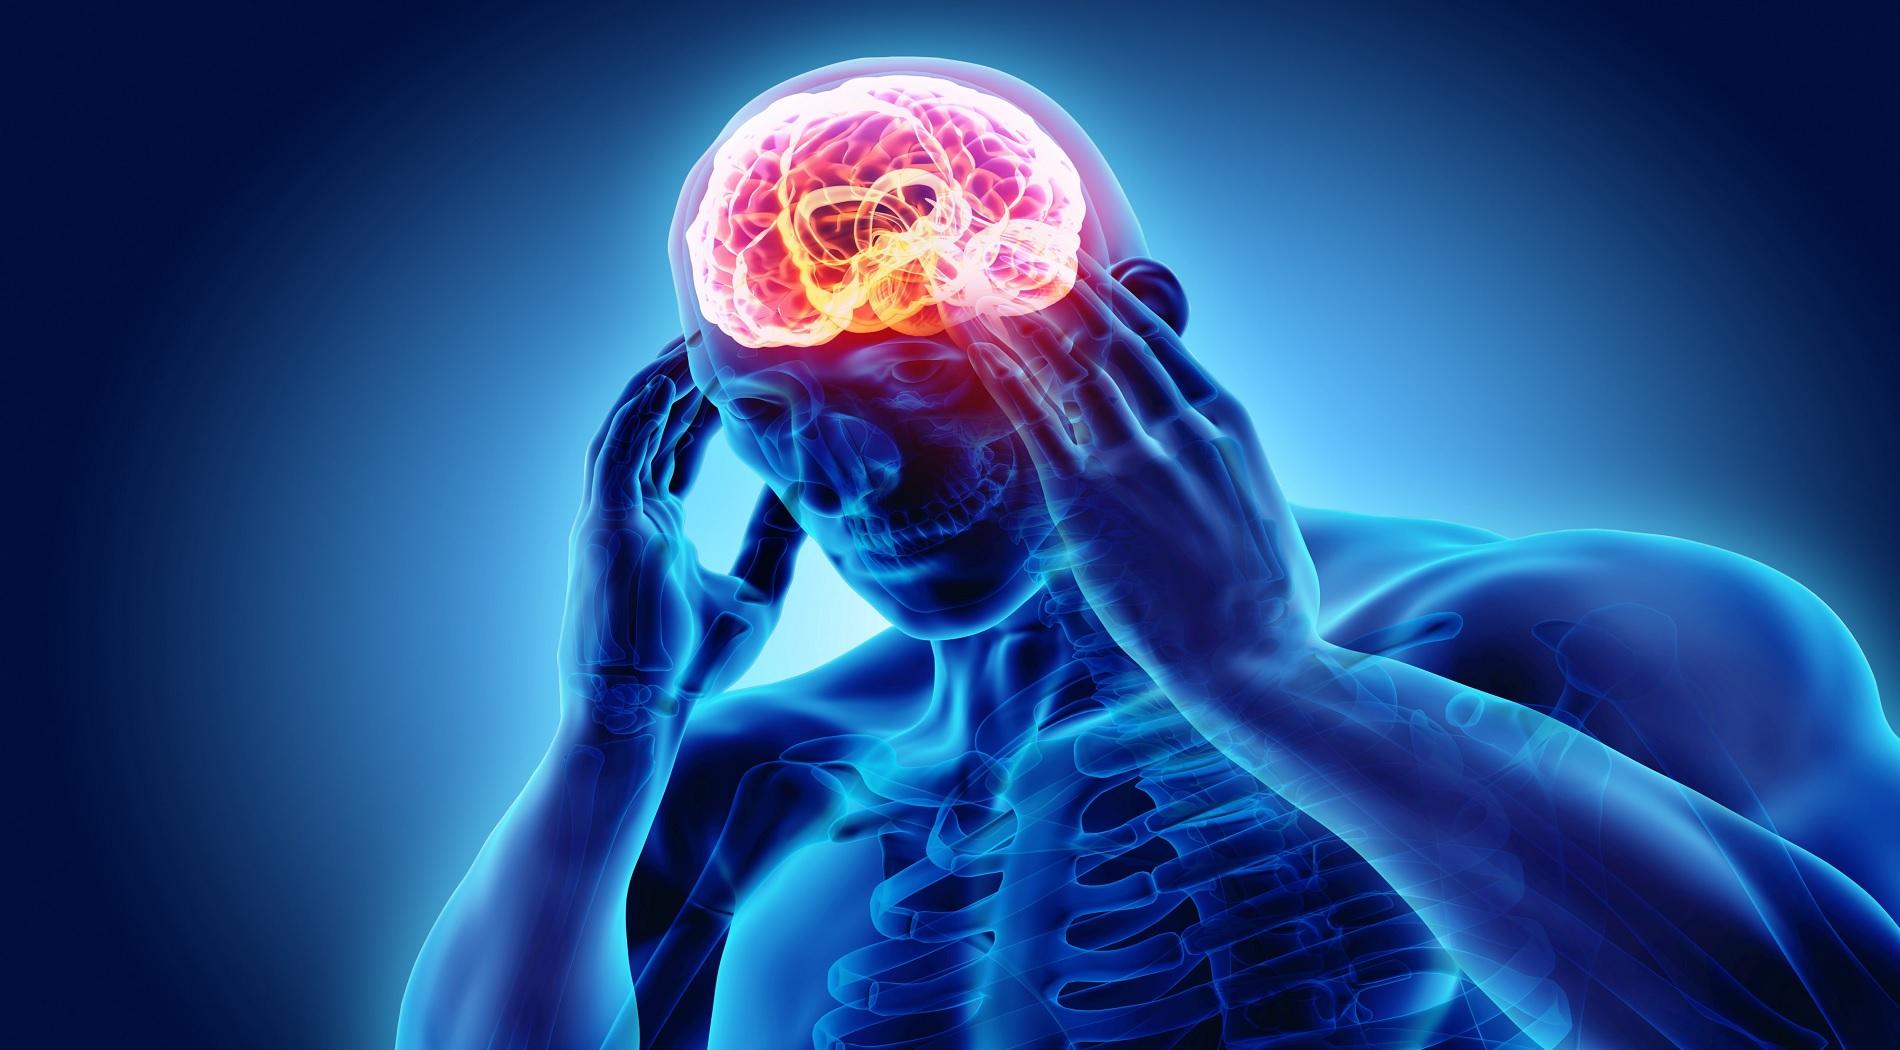 Νέα έρευνα επιδιώκει να εντοπίσει την τοποθεσία της συνείδησης του εγκεφάλου